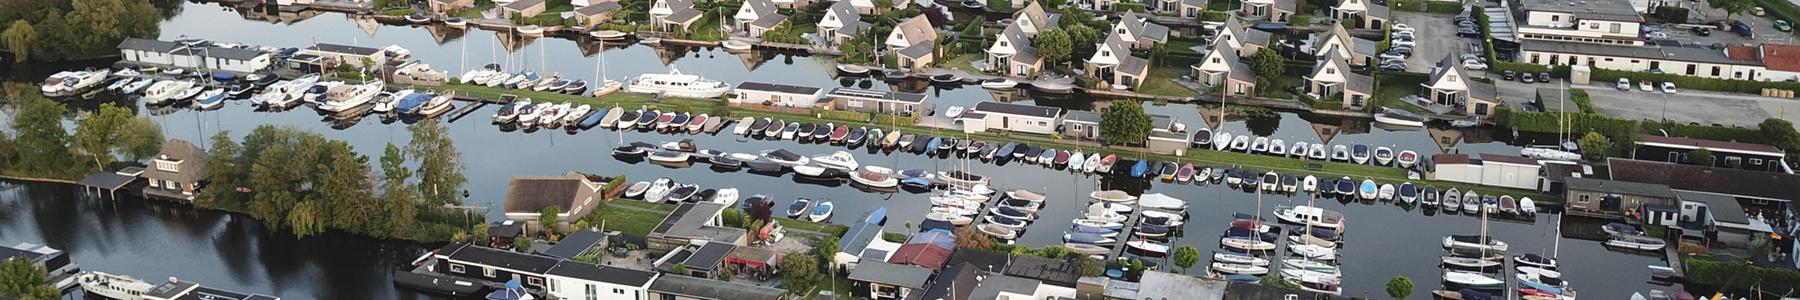 Jachthaven - Eersteaanleg